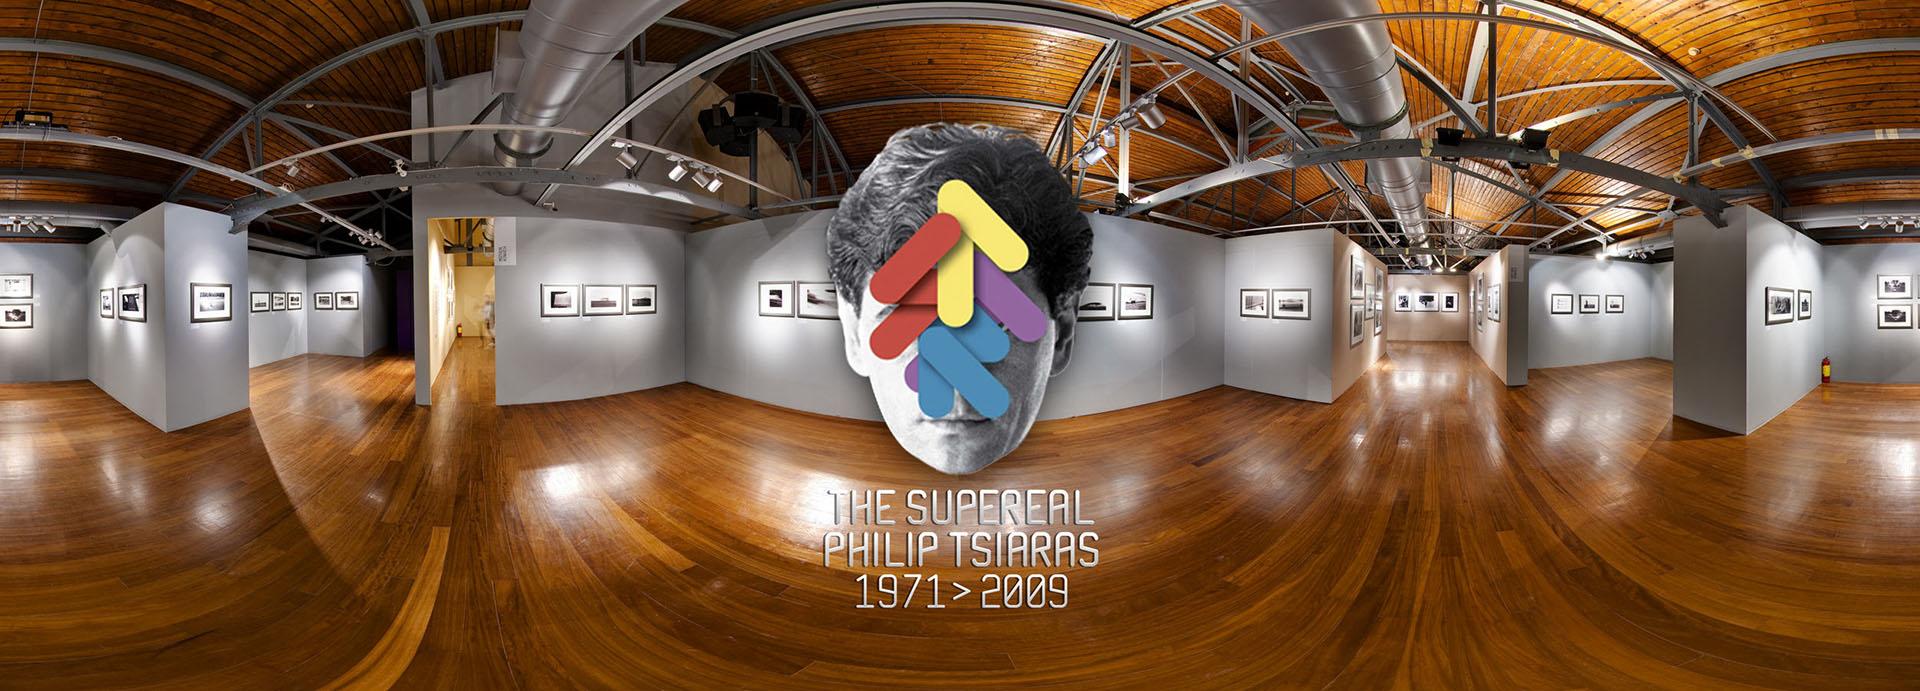 Εικονικές Περιηγήσεις - Virtual Tours. Δημιουργία πανοραμικών εικόνων 360º και εικονικών περιηγήσεων